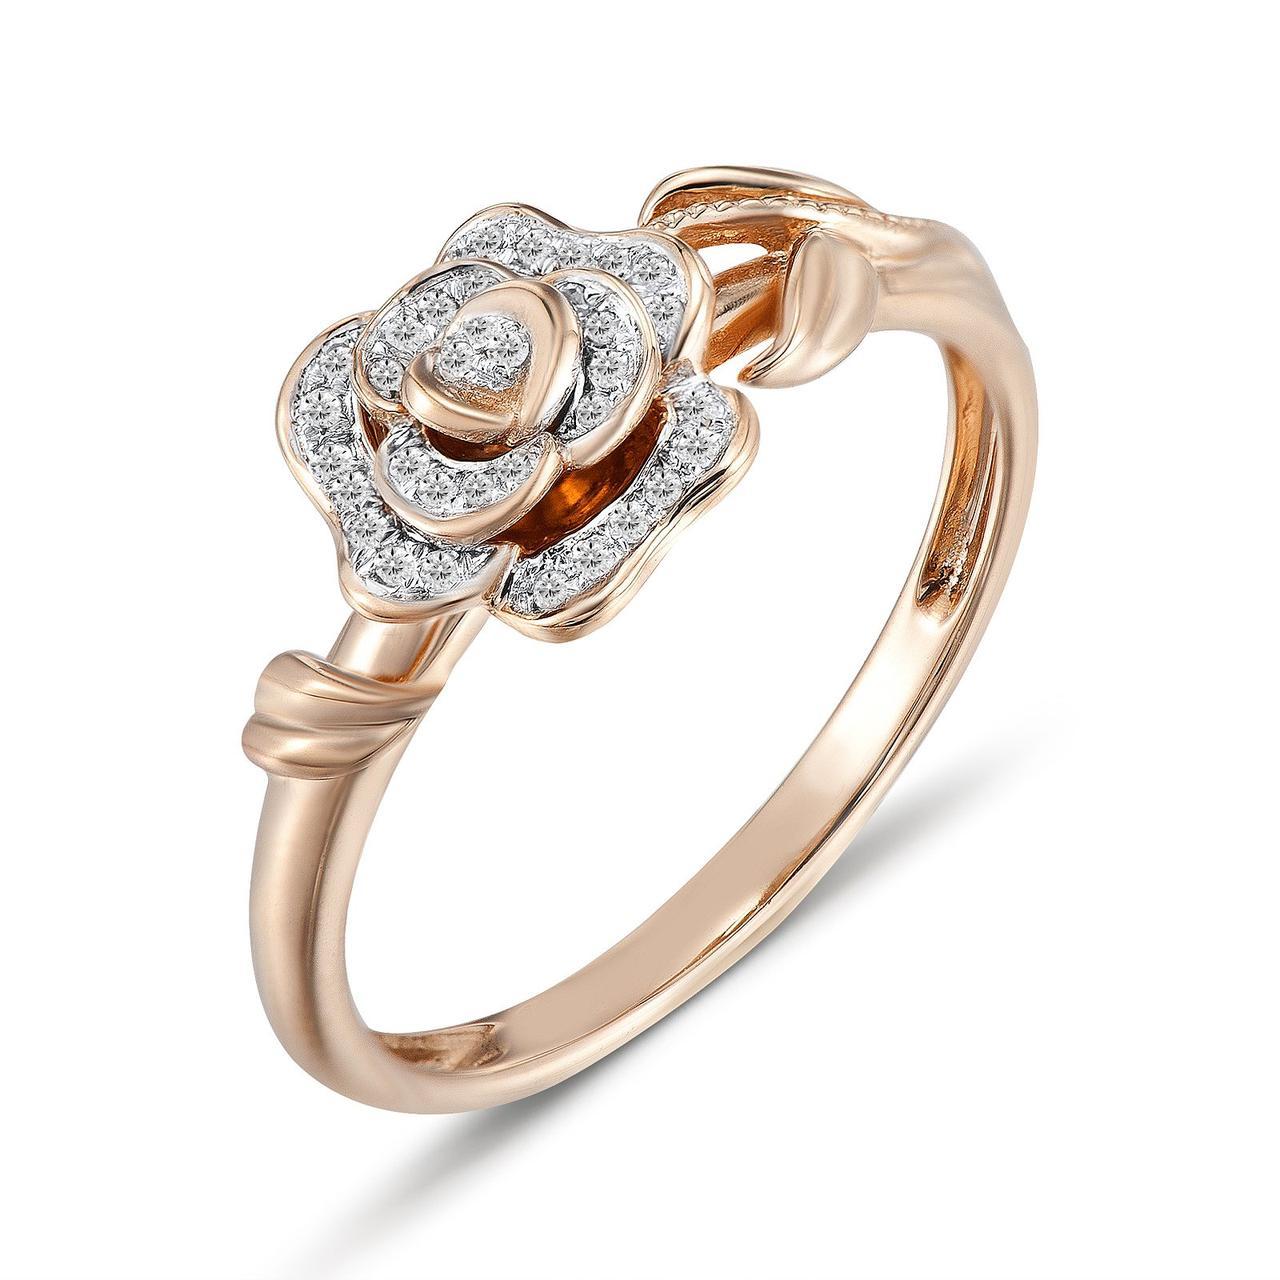 Кольцо из красного золота с бриллиантами, размер 15.5 (1550953) 17